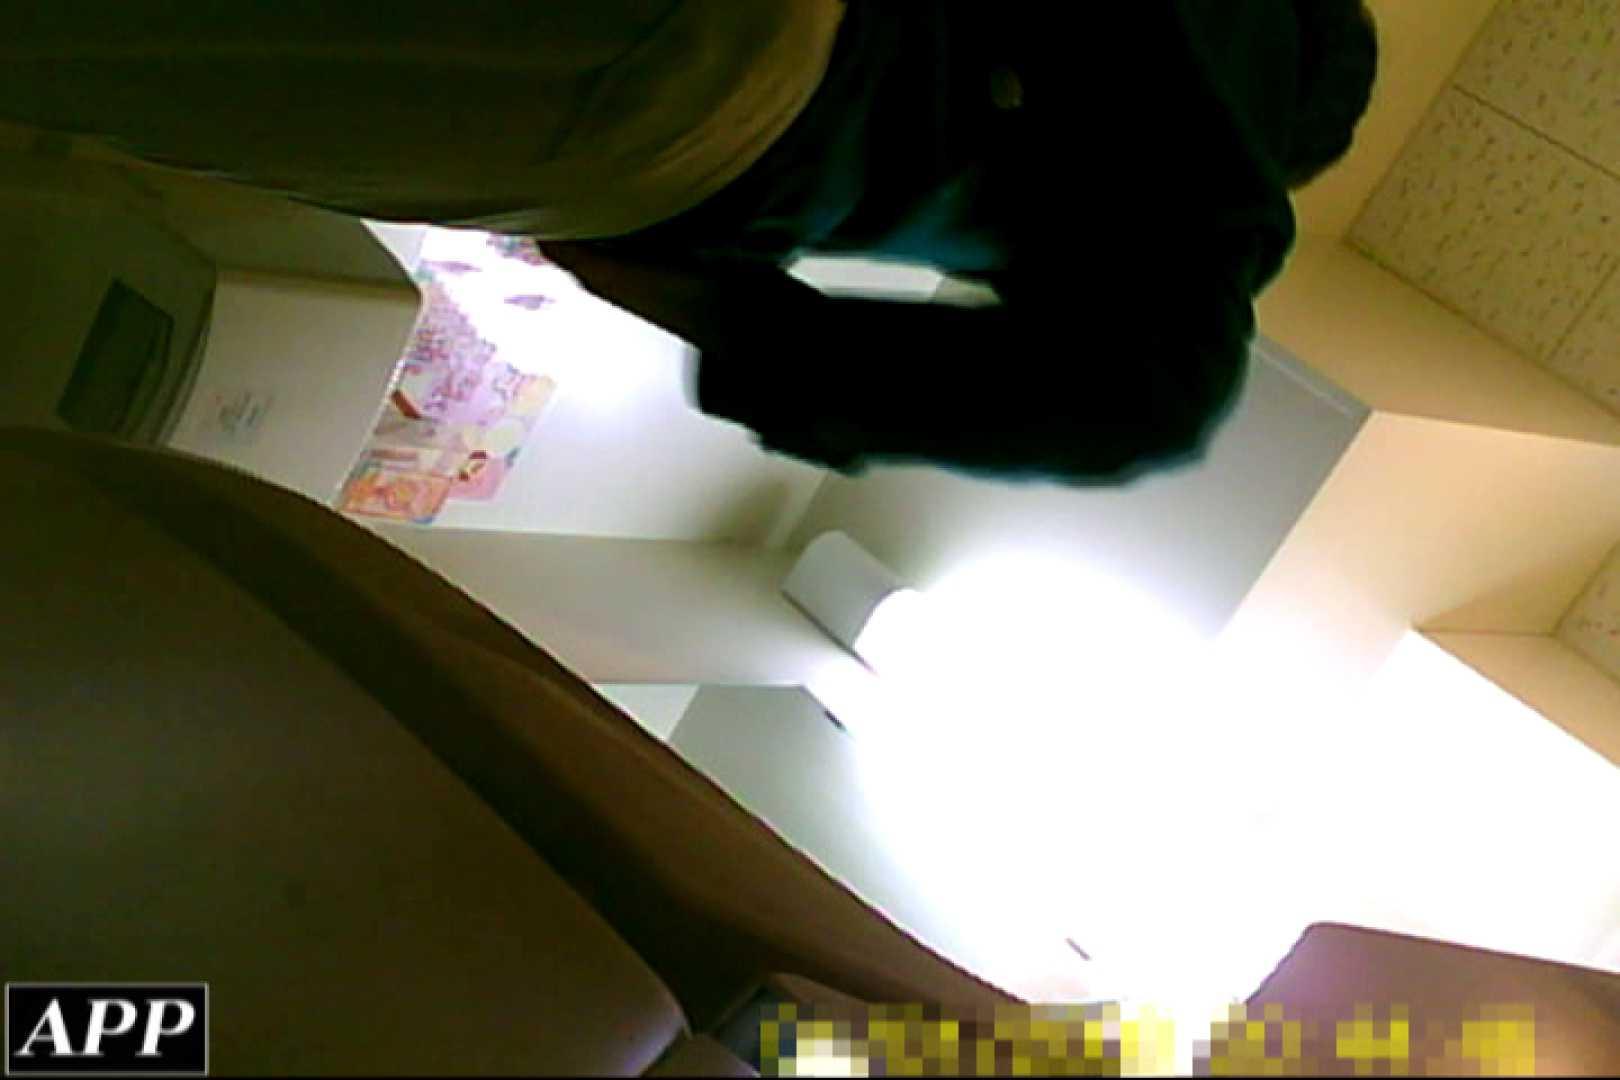 3視点洗面所 vol.87 マンコ無修正 盗み撮りAV無料動画キャプチャ 52画像 22